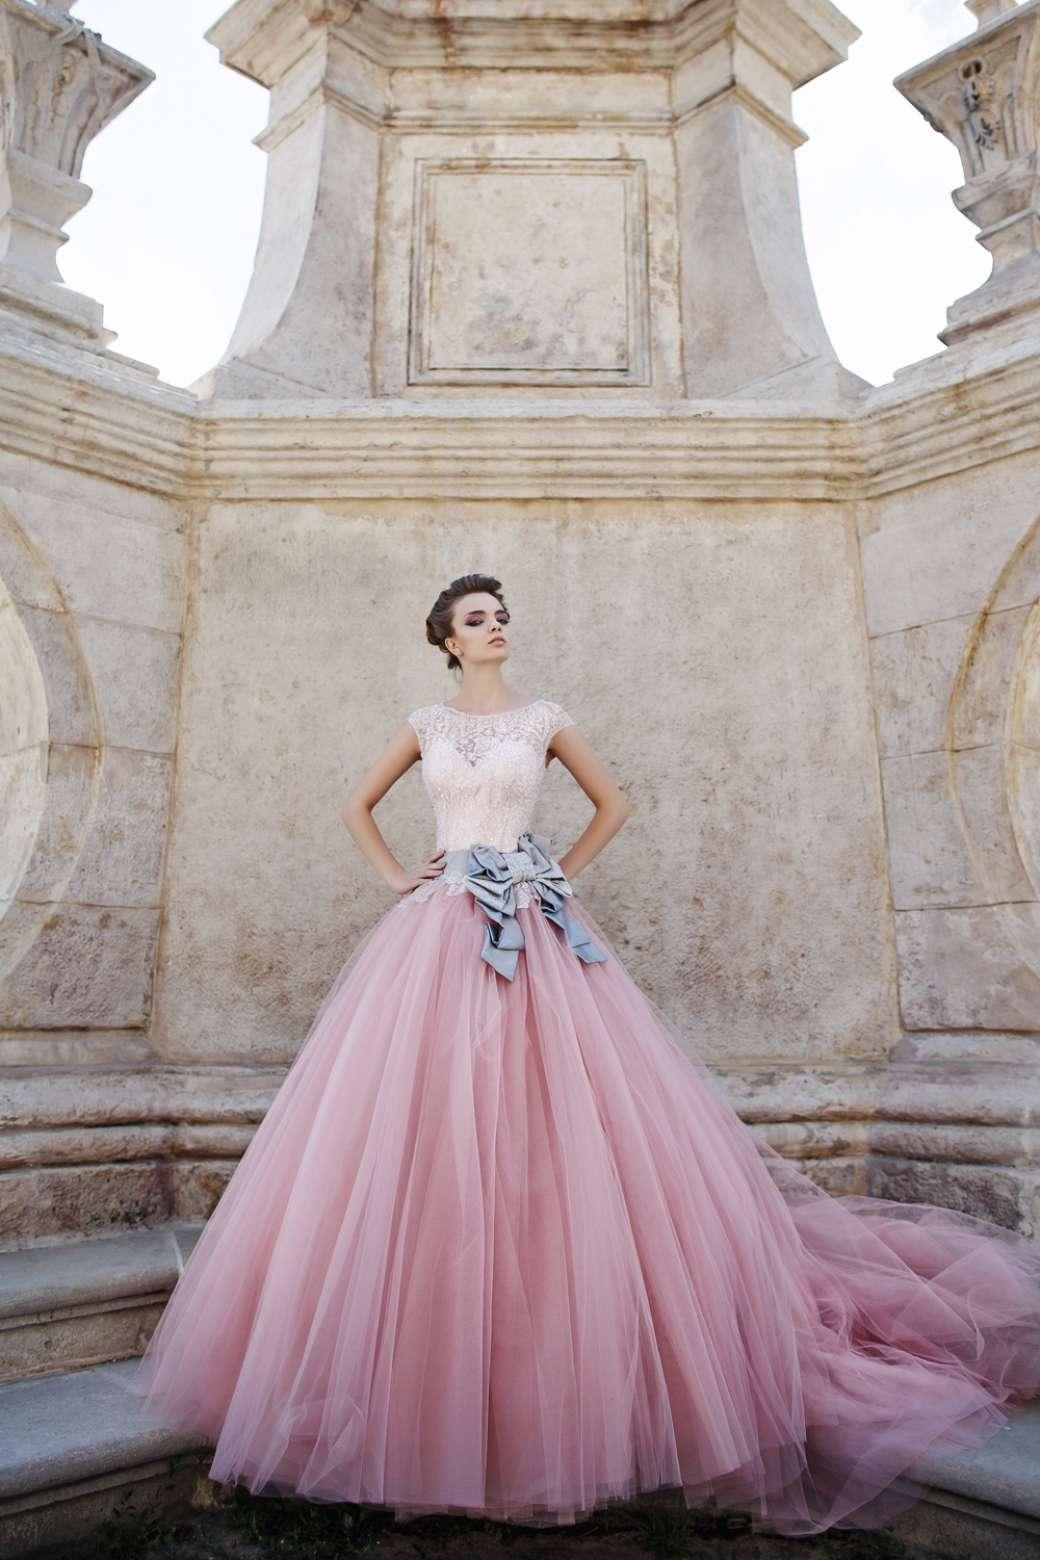 صور أحدث الموديلات لفساتين الخطوبة المنفوشة جامدة